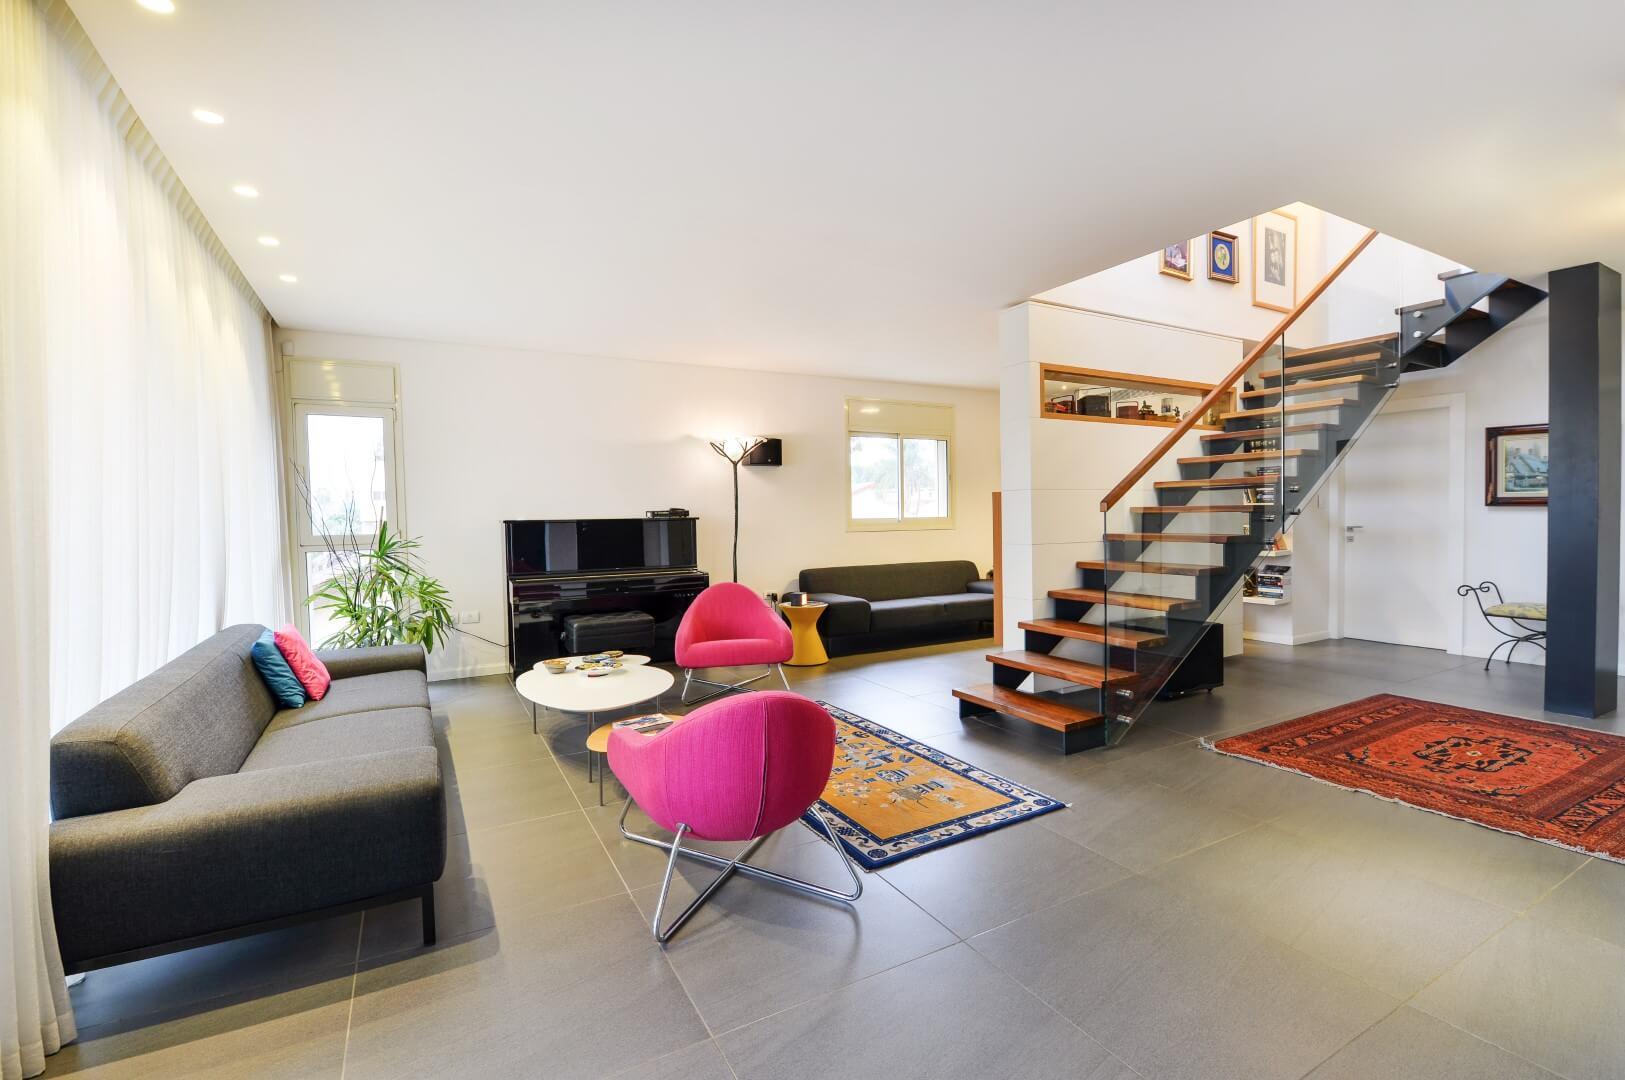 מדרגות ברזל שחור עם מעקה זכוכית, מאחז יד מעץ ומדרכי עץ אלון שלוקחים את הדיירים מהסלון האפור אל הקומה השניה של הוילה